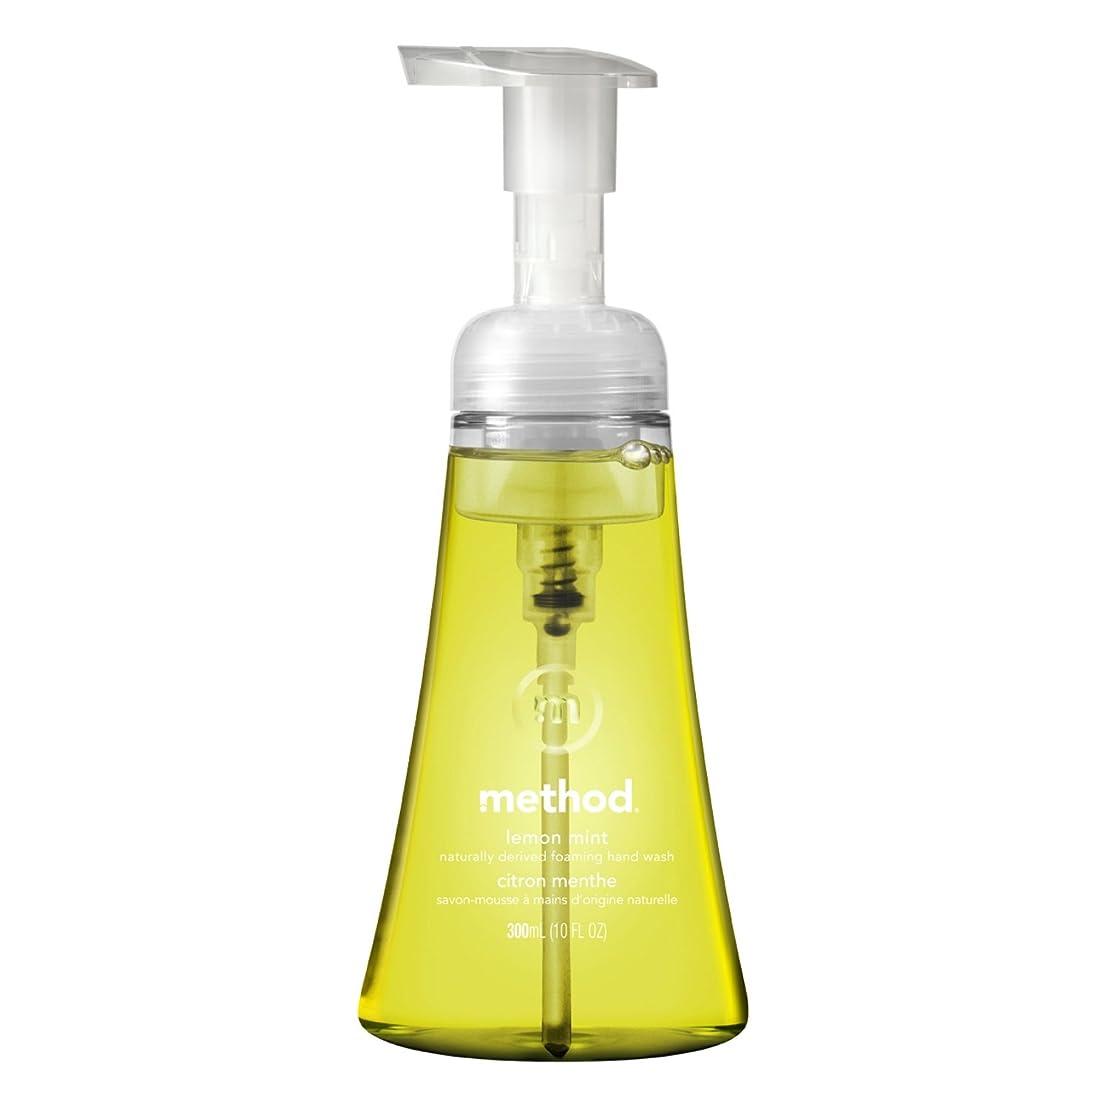 どれでも光沢のあるバリアメソッド ハンドソープ 泡タイプ レモンミント 本体300ml